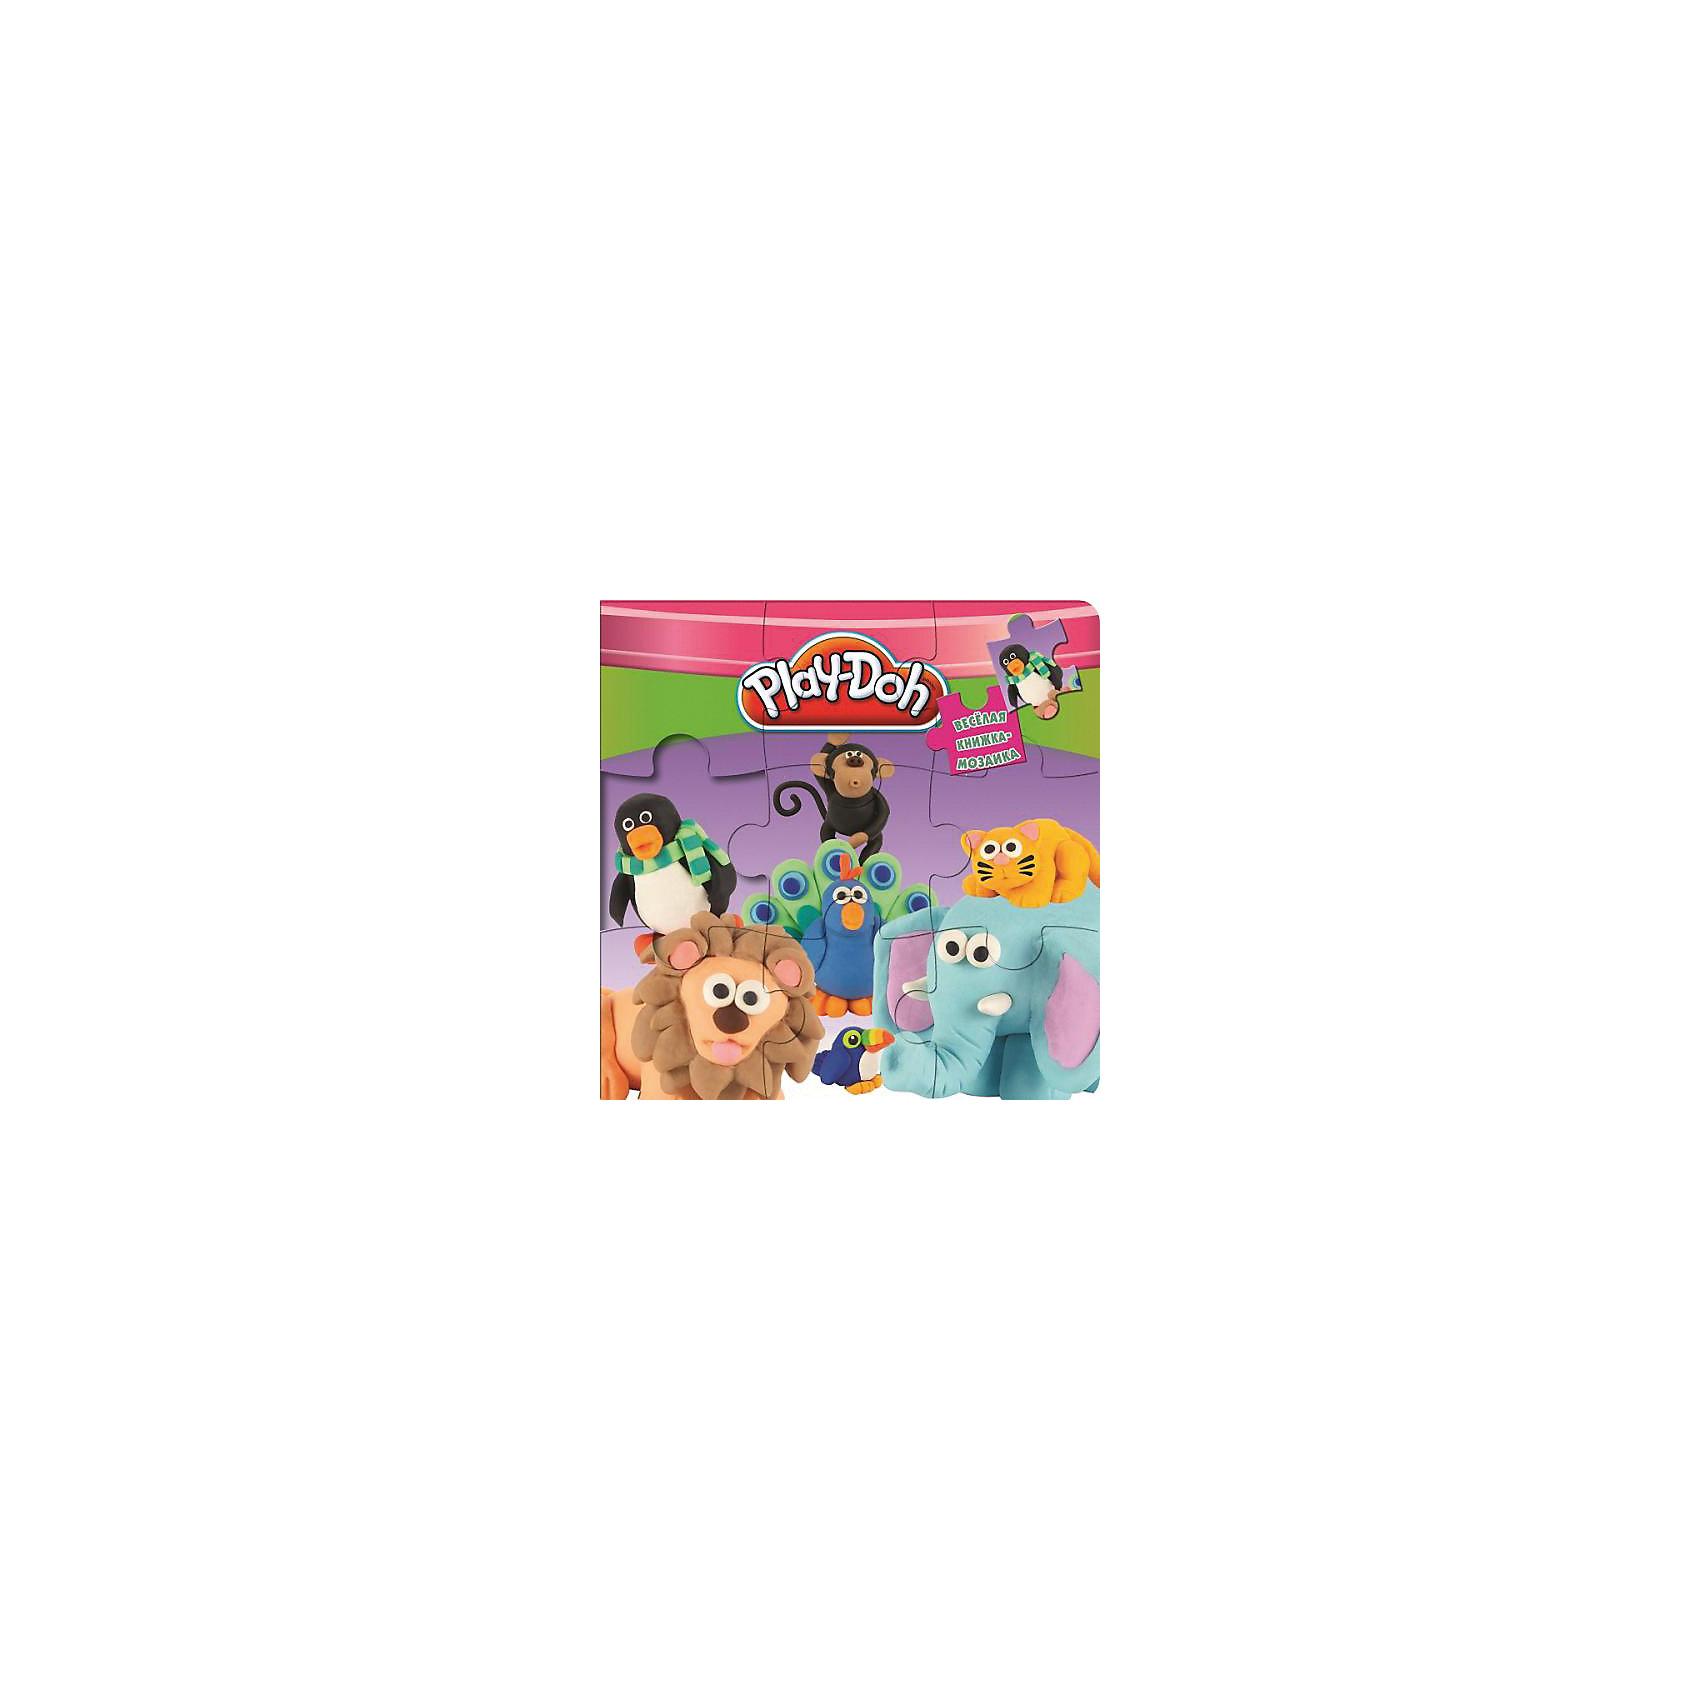 Книга-мозаика Play-DohКниги-пазлы<br>Эта удивительная книжка-мозаика расскажет тебе о веселых приключениях пластилиновых друзей. Читай сказку, рассматривай яркие красочные иллюстрации, разбирай и вновь складывай картинки в специальных окошках.<br><br>Дополнительная информация:<br><br>- Формат: 20,5х2,5см.<br>- Переплет: картон.<br>- Иллюстрации: цветные.<br>- Количество страниц: 10 стр.<br>- Редактор: Баталина В.<br>- Оформление, пазлы, вырубка. <br><br>Книгу-мозаику Play-Doh (Плей До) можно купить в нашем магазине.<br><br>Ширина мм: 205<br>Глубина мм: 225<br>Высота мм: 15<br>Вес г: 345<br>Возраст от месяцев: 48<br>Возраст до месяцев: 72<br>Пол: Унисекс<br>Возраст: Детский<br>SKU: 4047834